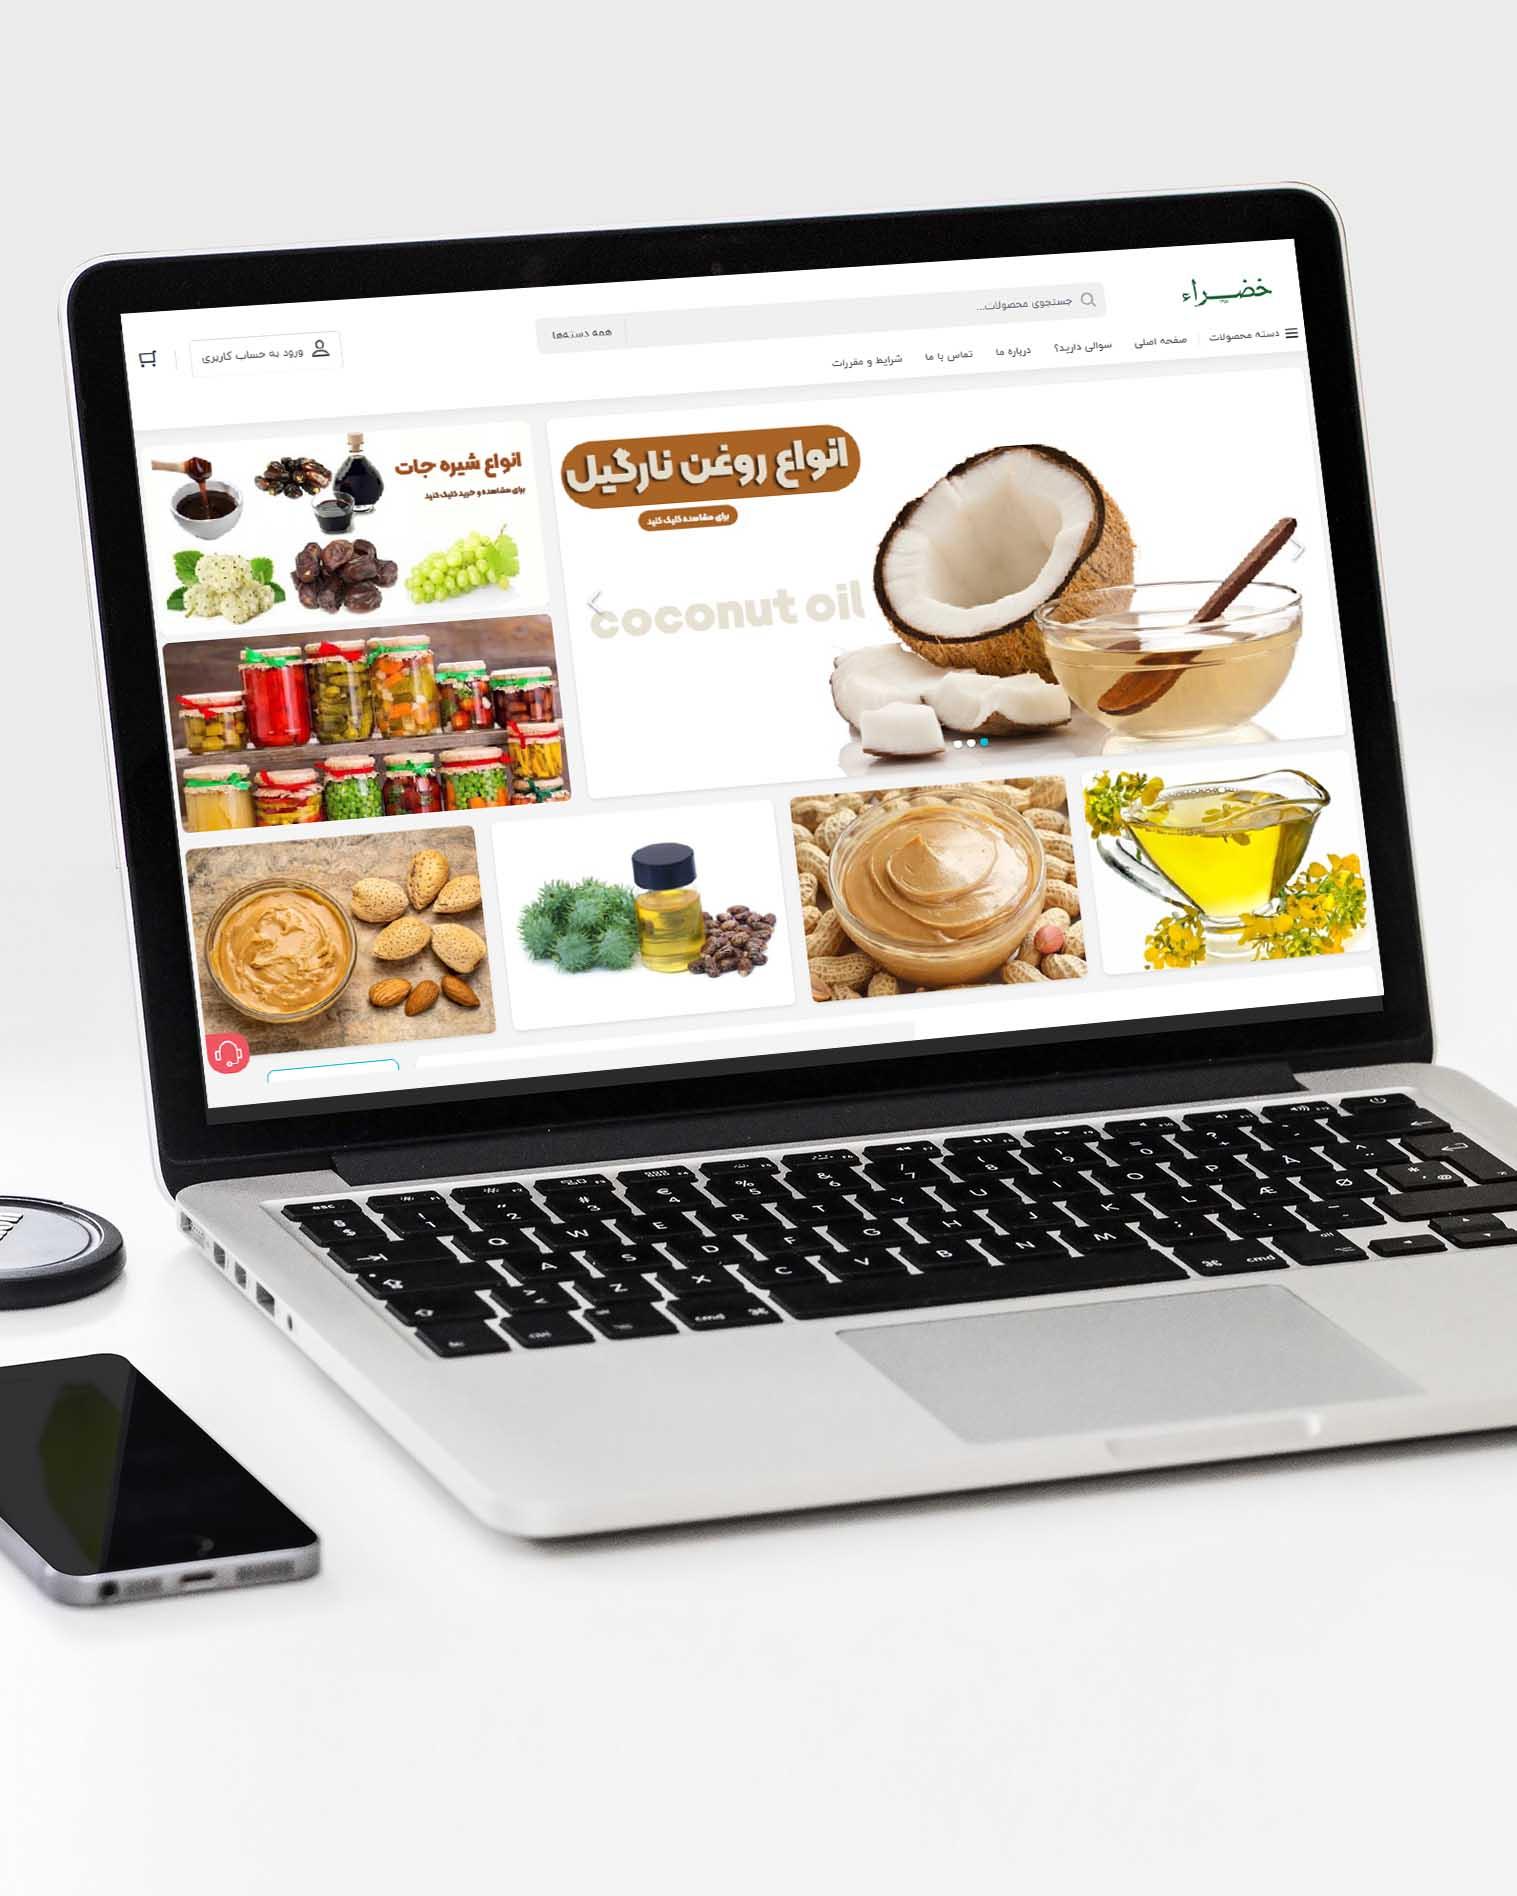 طراحی وب سایت محصولات ارگانیک خضرا